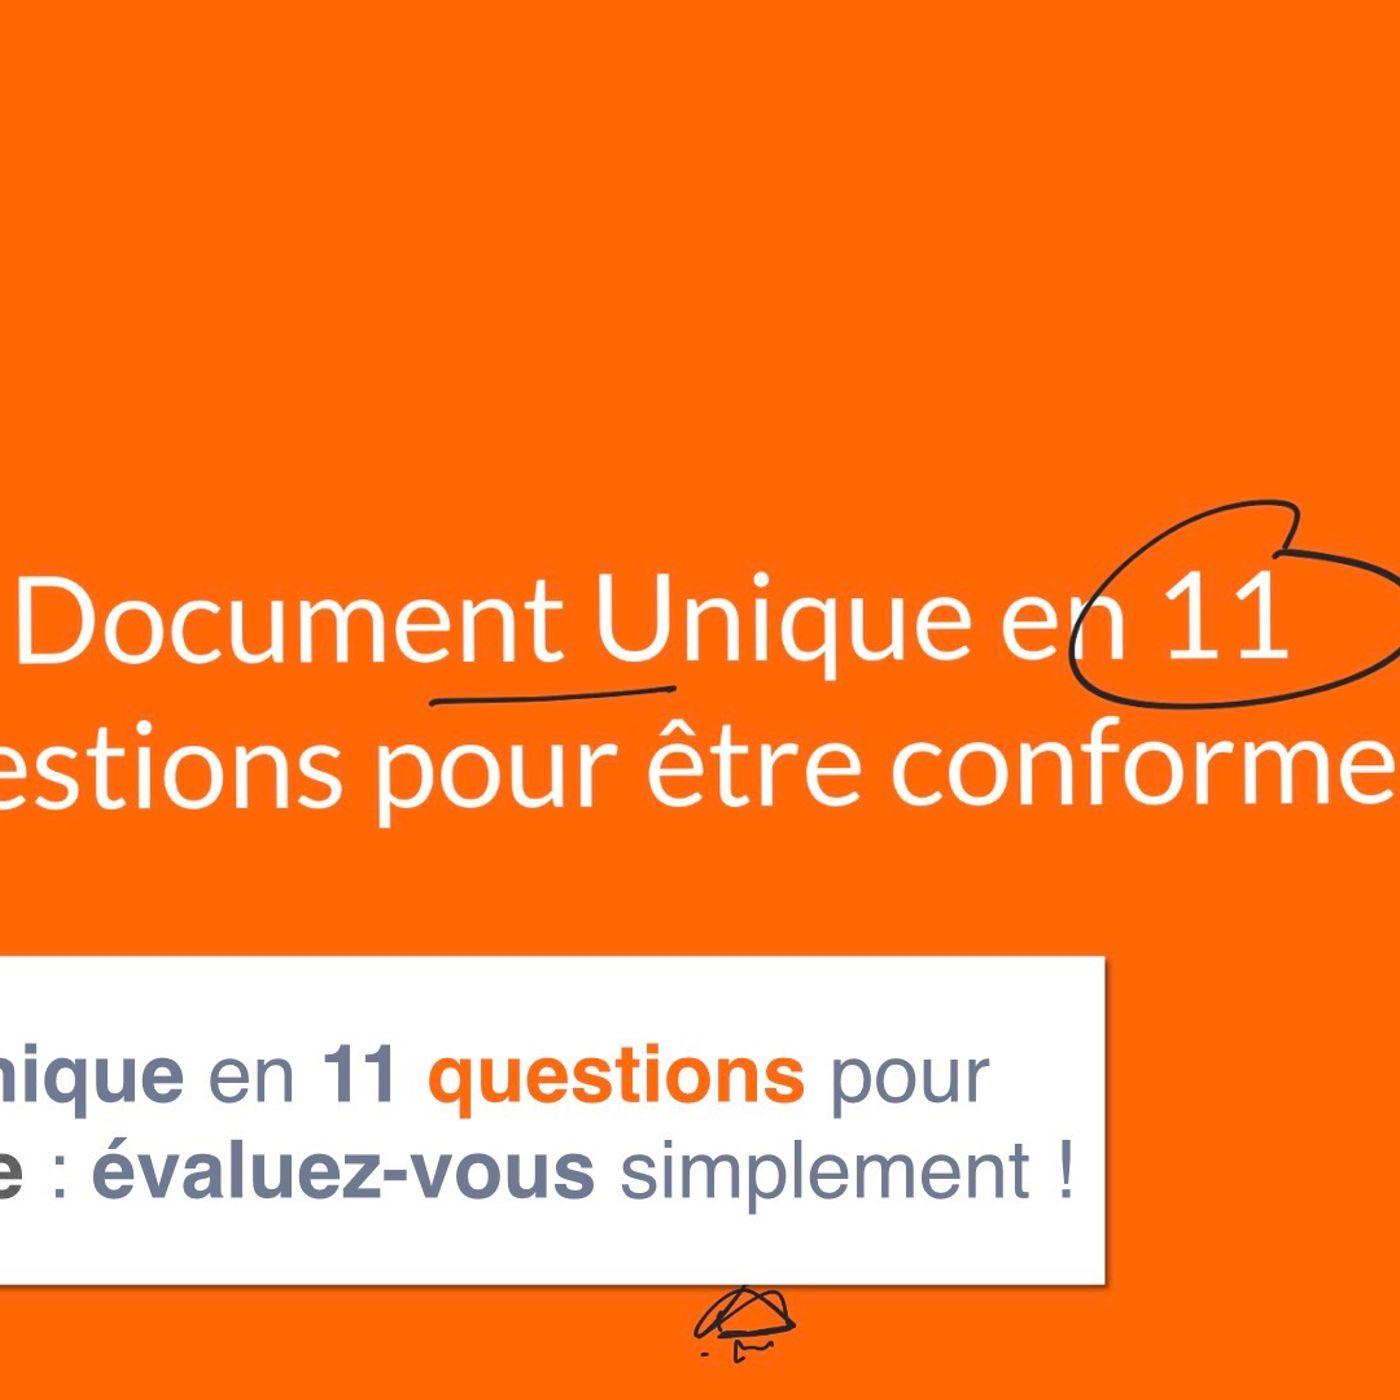 Document unique en 11 questions pour être conforme ?